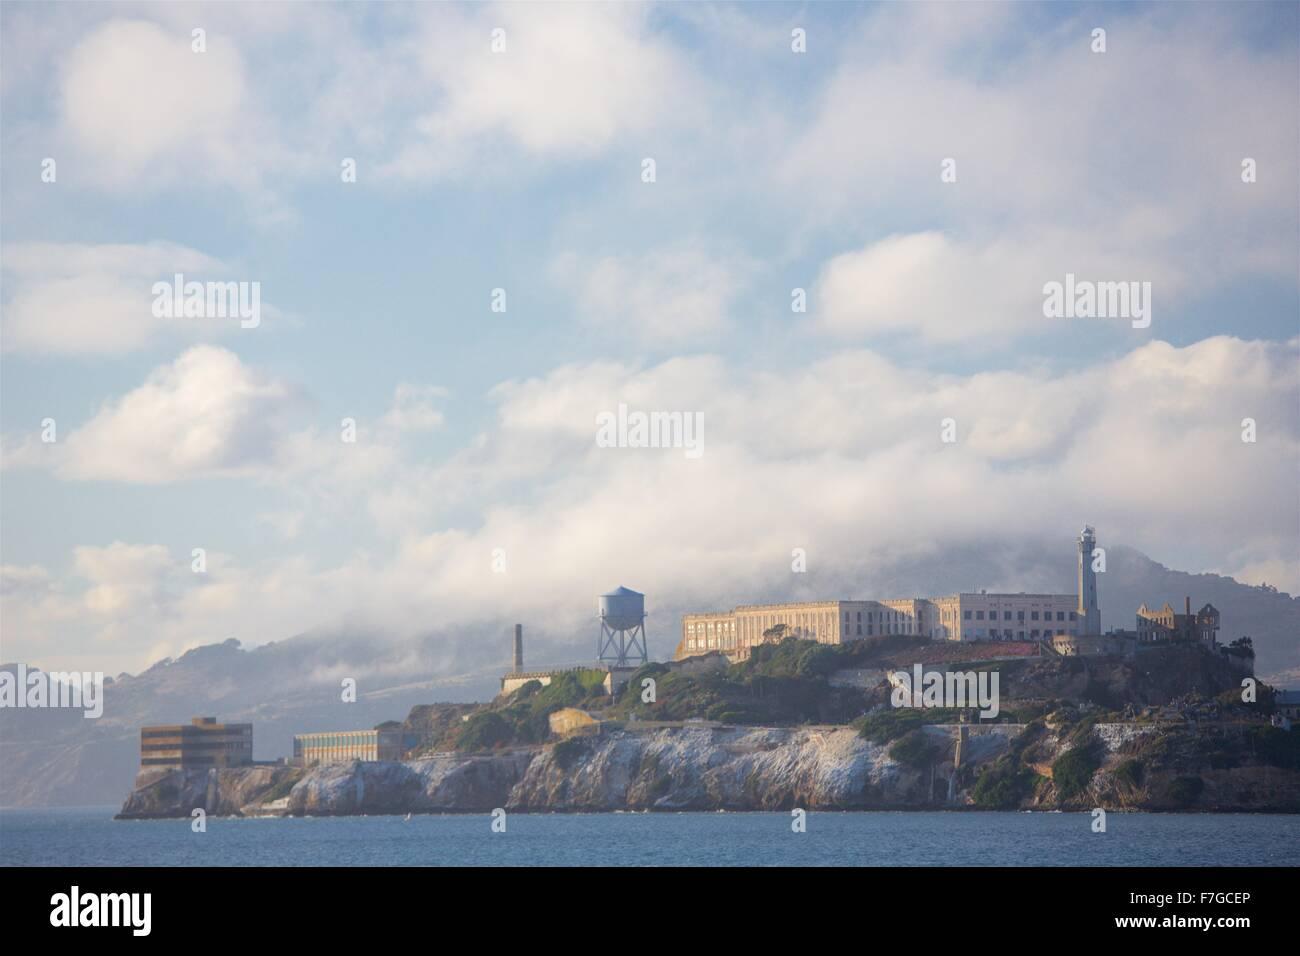 San Francisco Fishermans Wharf betrachtet aus dem Wasser an einem schönen Nachmittag.  Alcatraz in der späten Stockbild